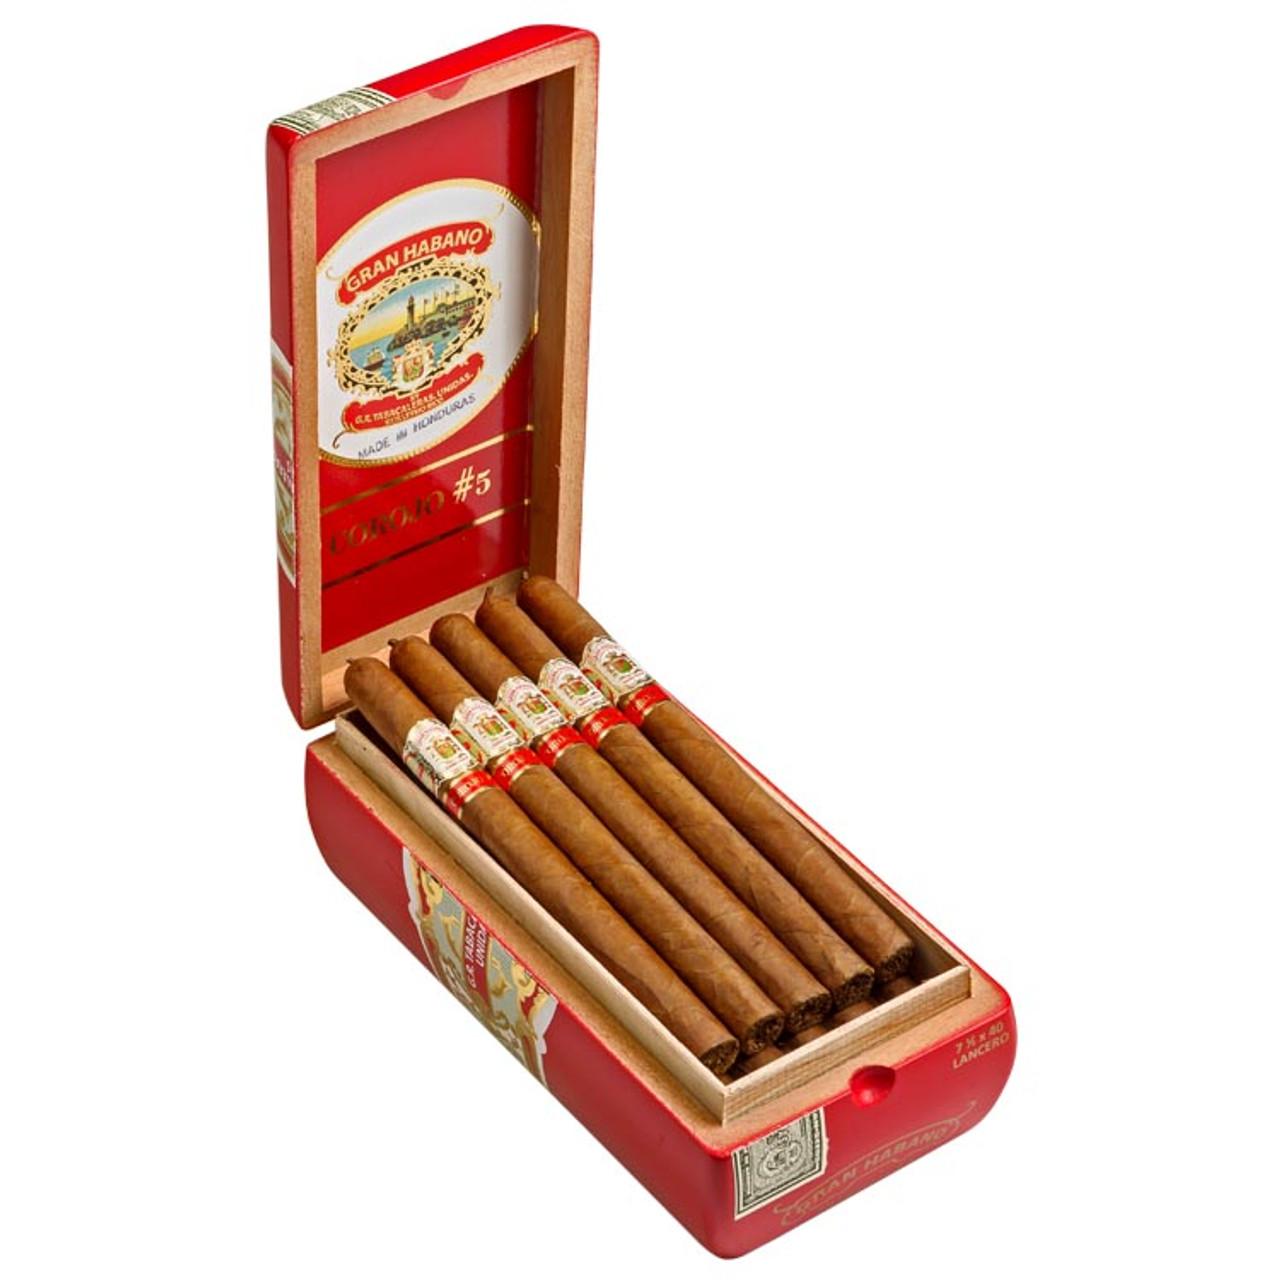 Gran Habano #5 Corojo Lancero Cigars - 7.5 x 40 (Box of 20)